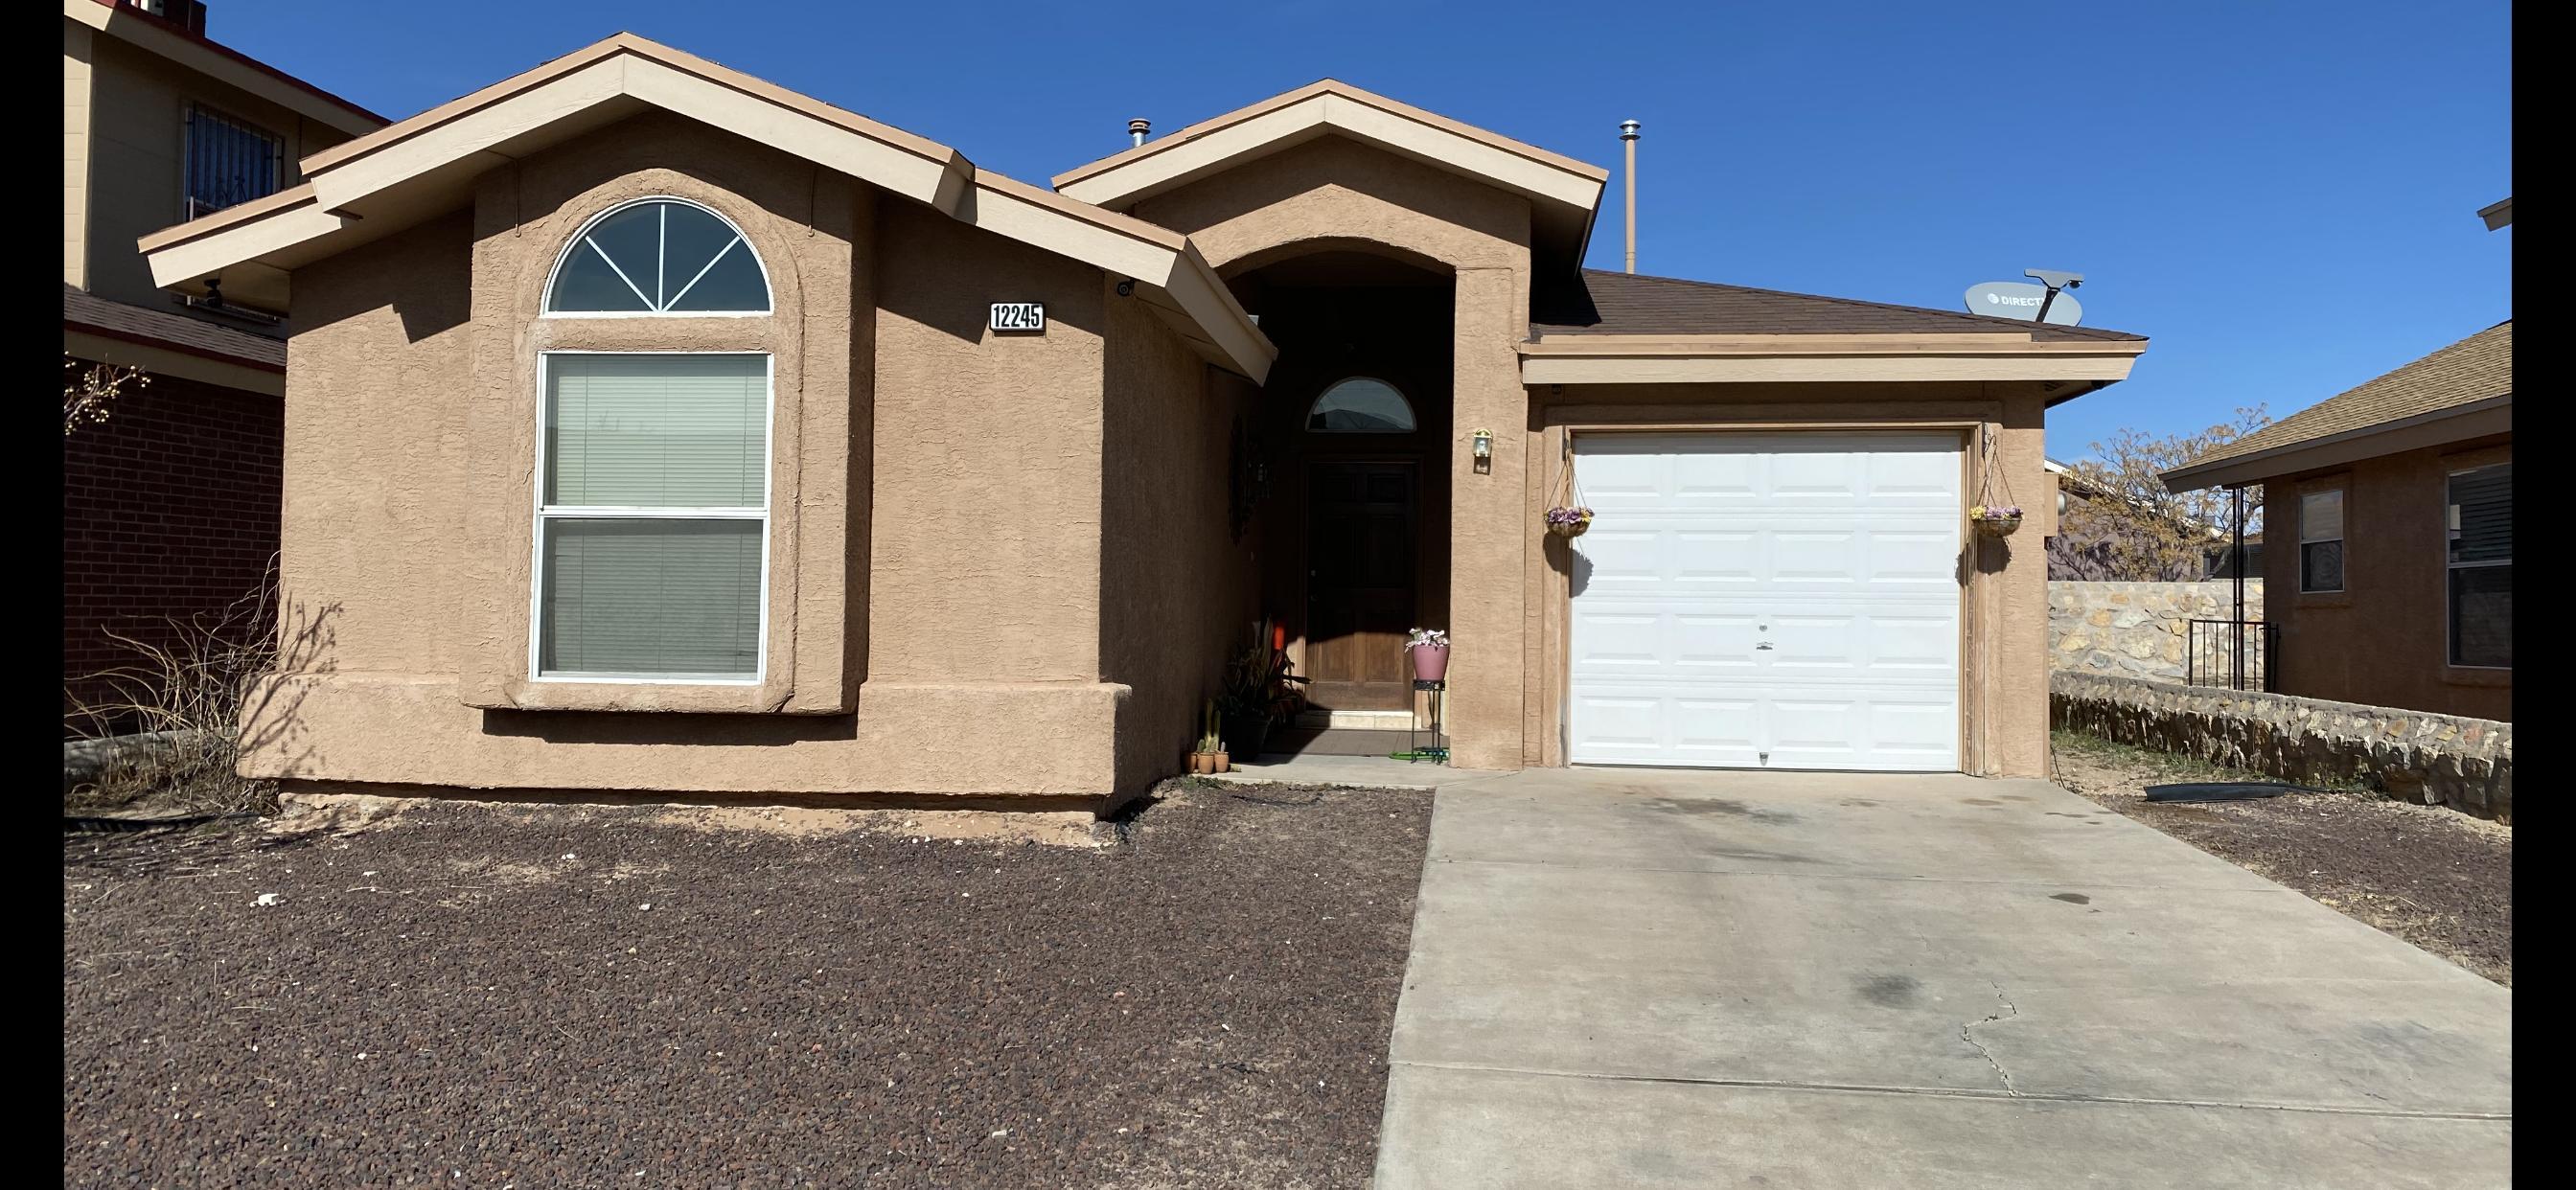 12245 MARIA SEANES, El Paso, Texas 79936, 3 Bedrooms Bedrooms, ,2 BathroomsBathrooms,Residential,For sale,MARIA SEANES,821120